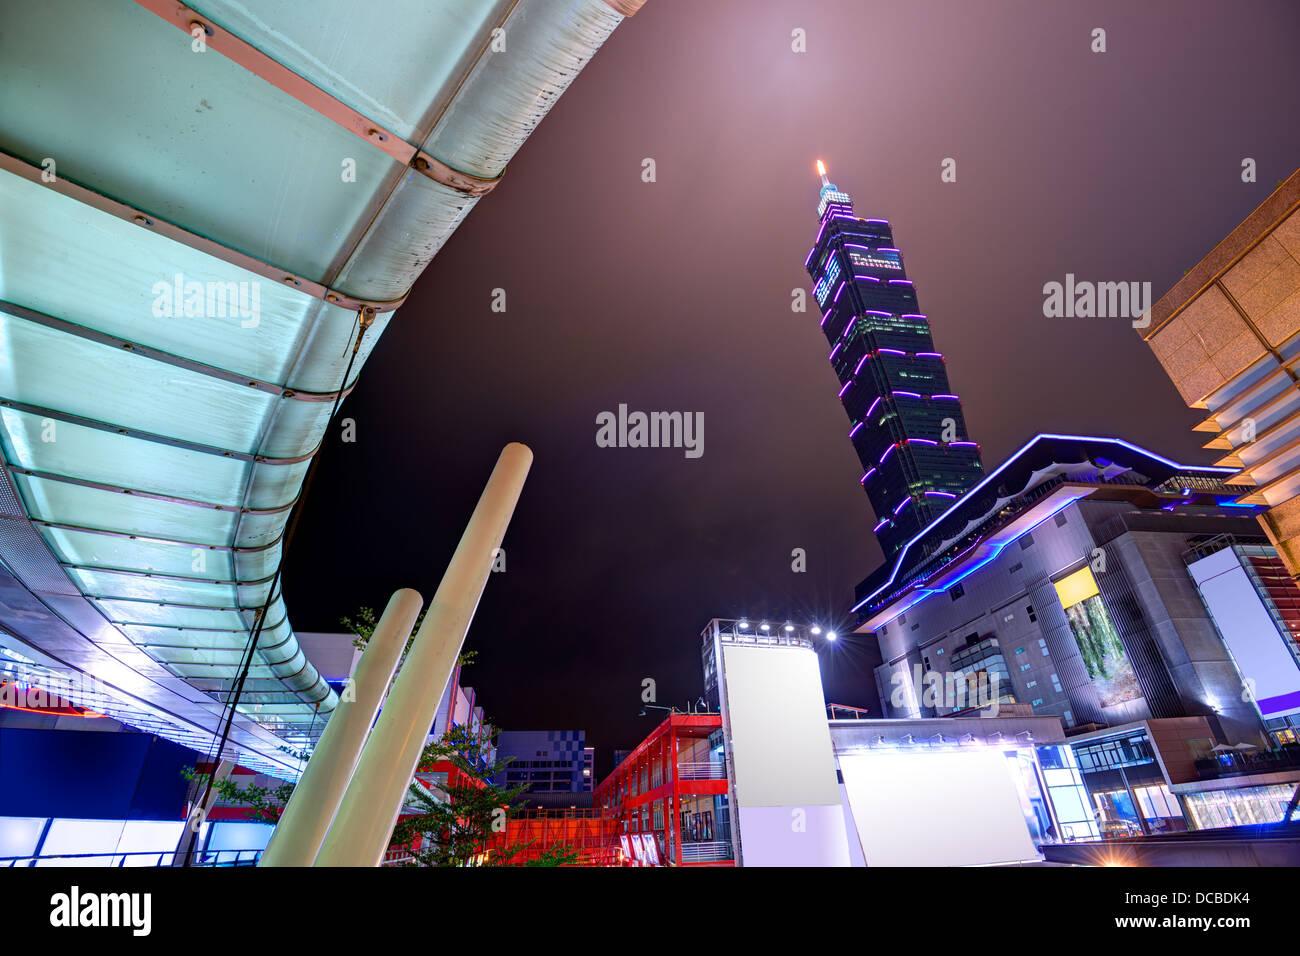 Paesaggio urbano in notturna di Taipei, Taiwan. Immagini Stock